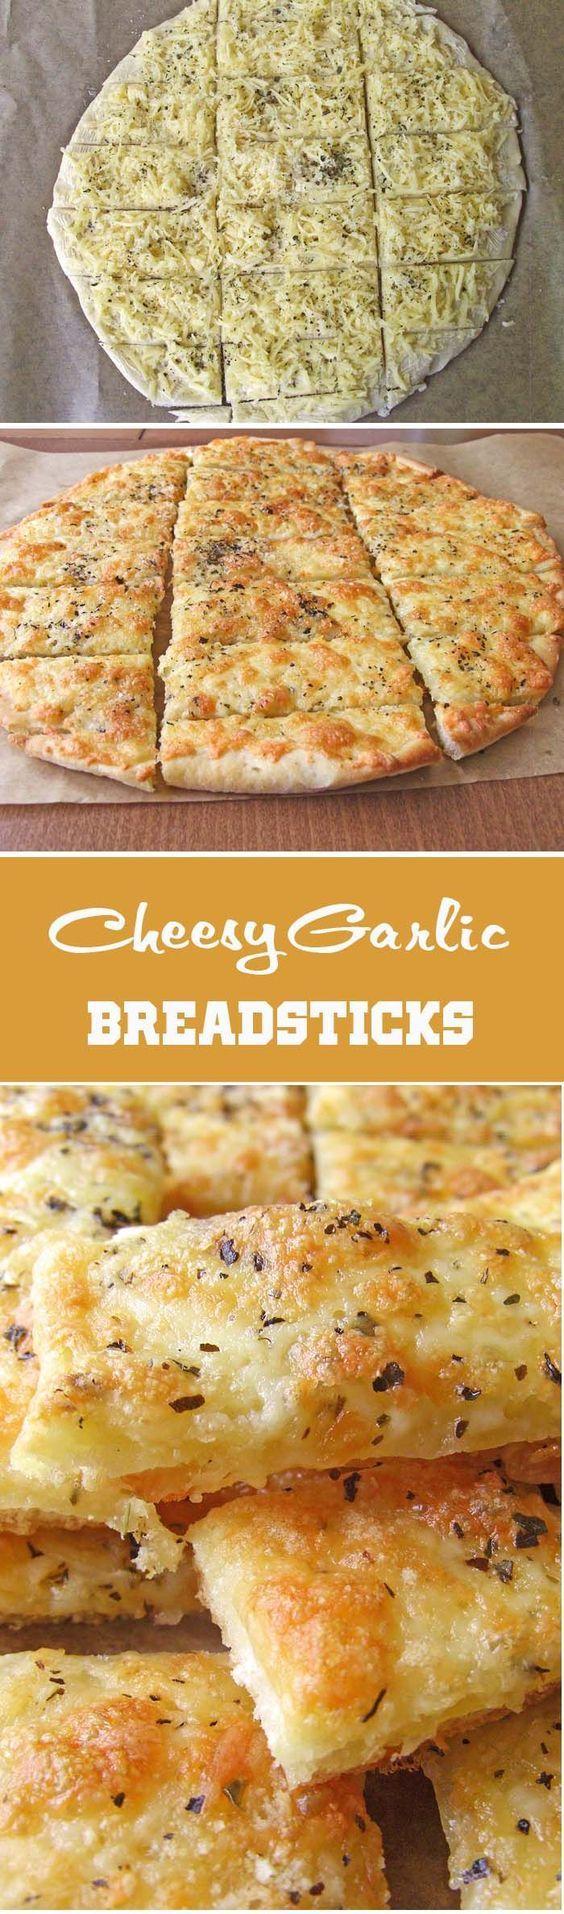 Easy Cheesy Garlic Breadsticks   www.sugarapron.com   #recipes #garlic #breadsticks